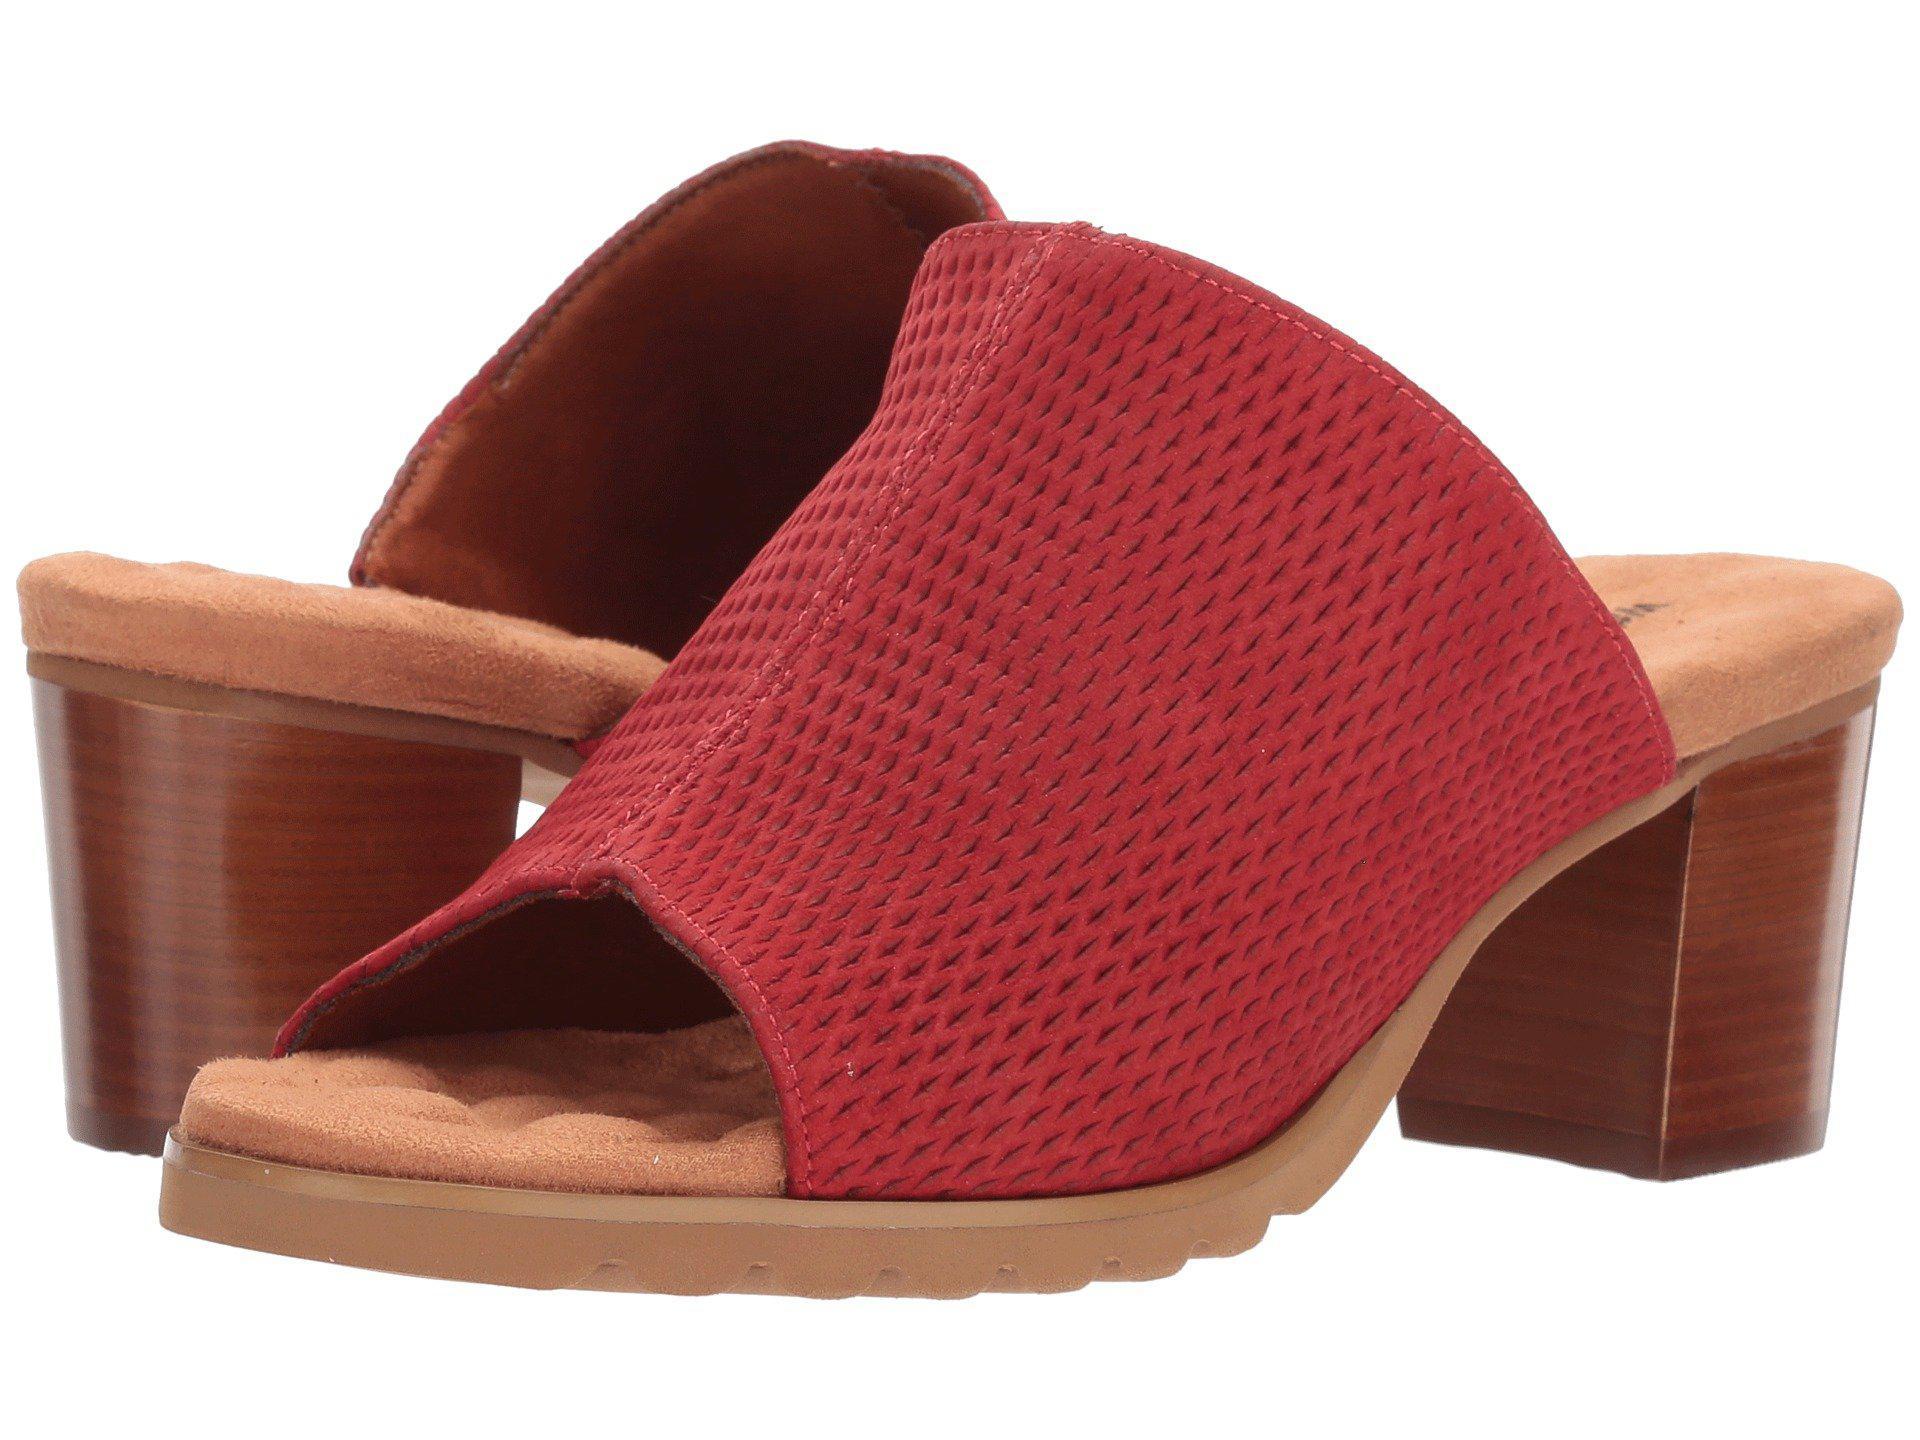 2aadbbe0d8c Lyst - Walking Cradles Nia in Red - Save 10.714285714285708%